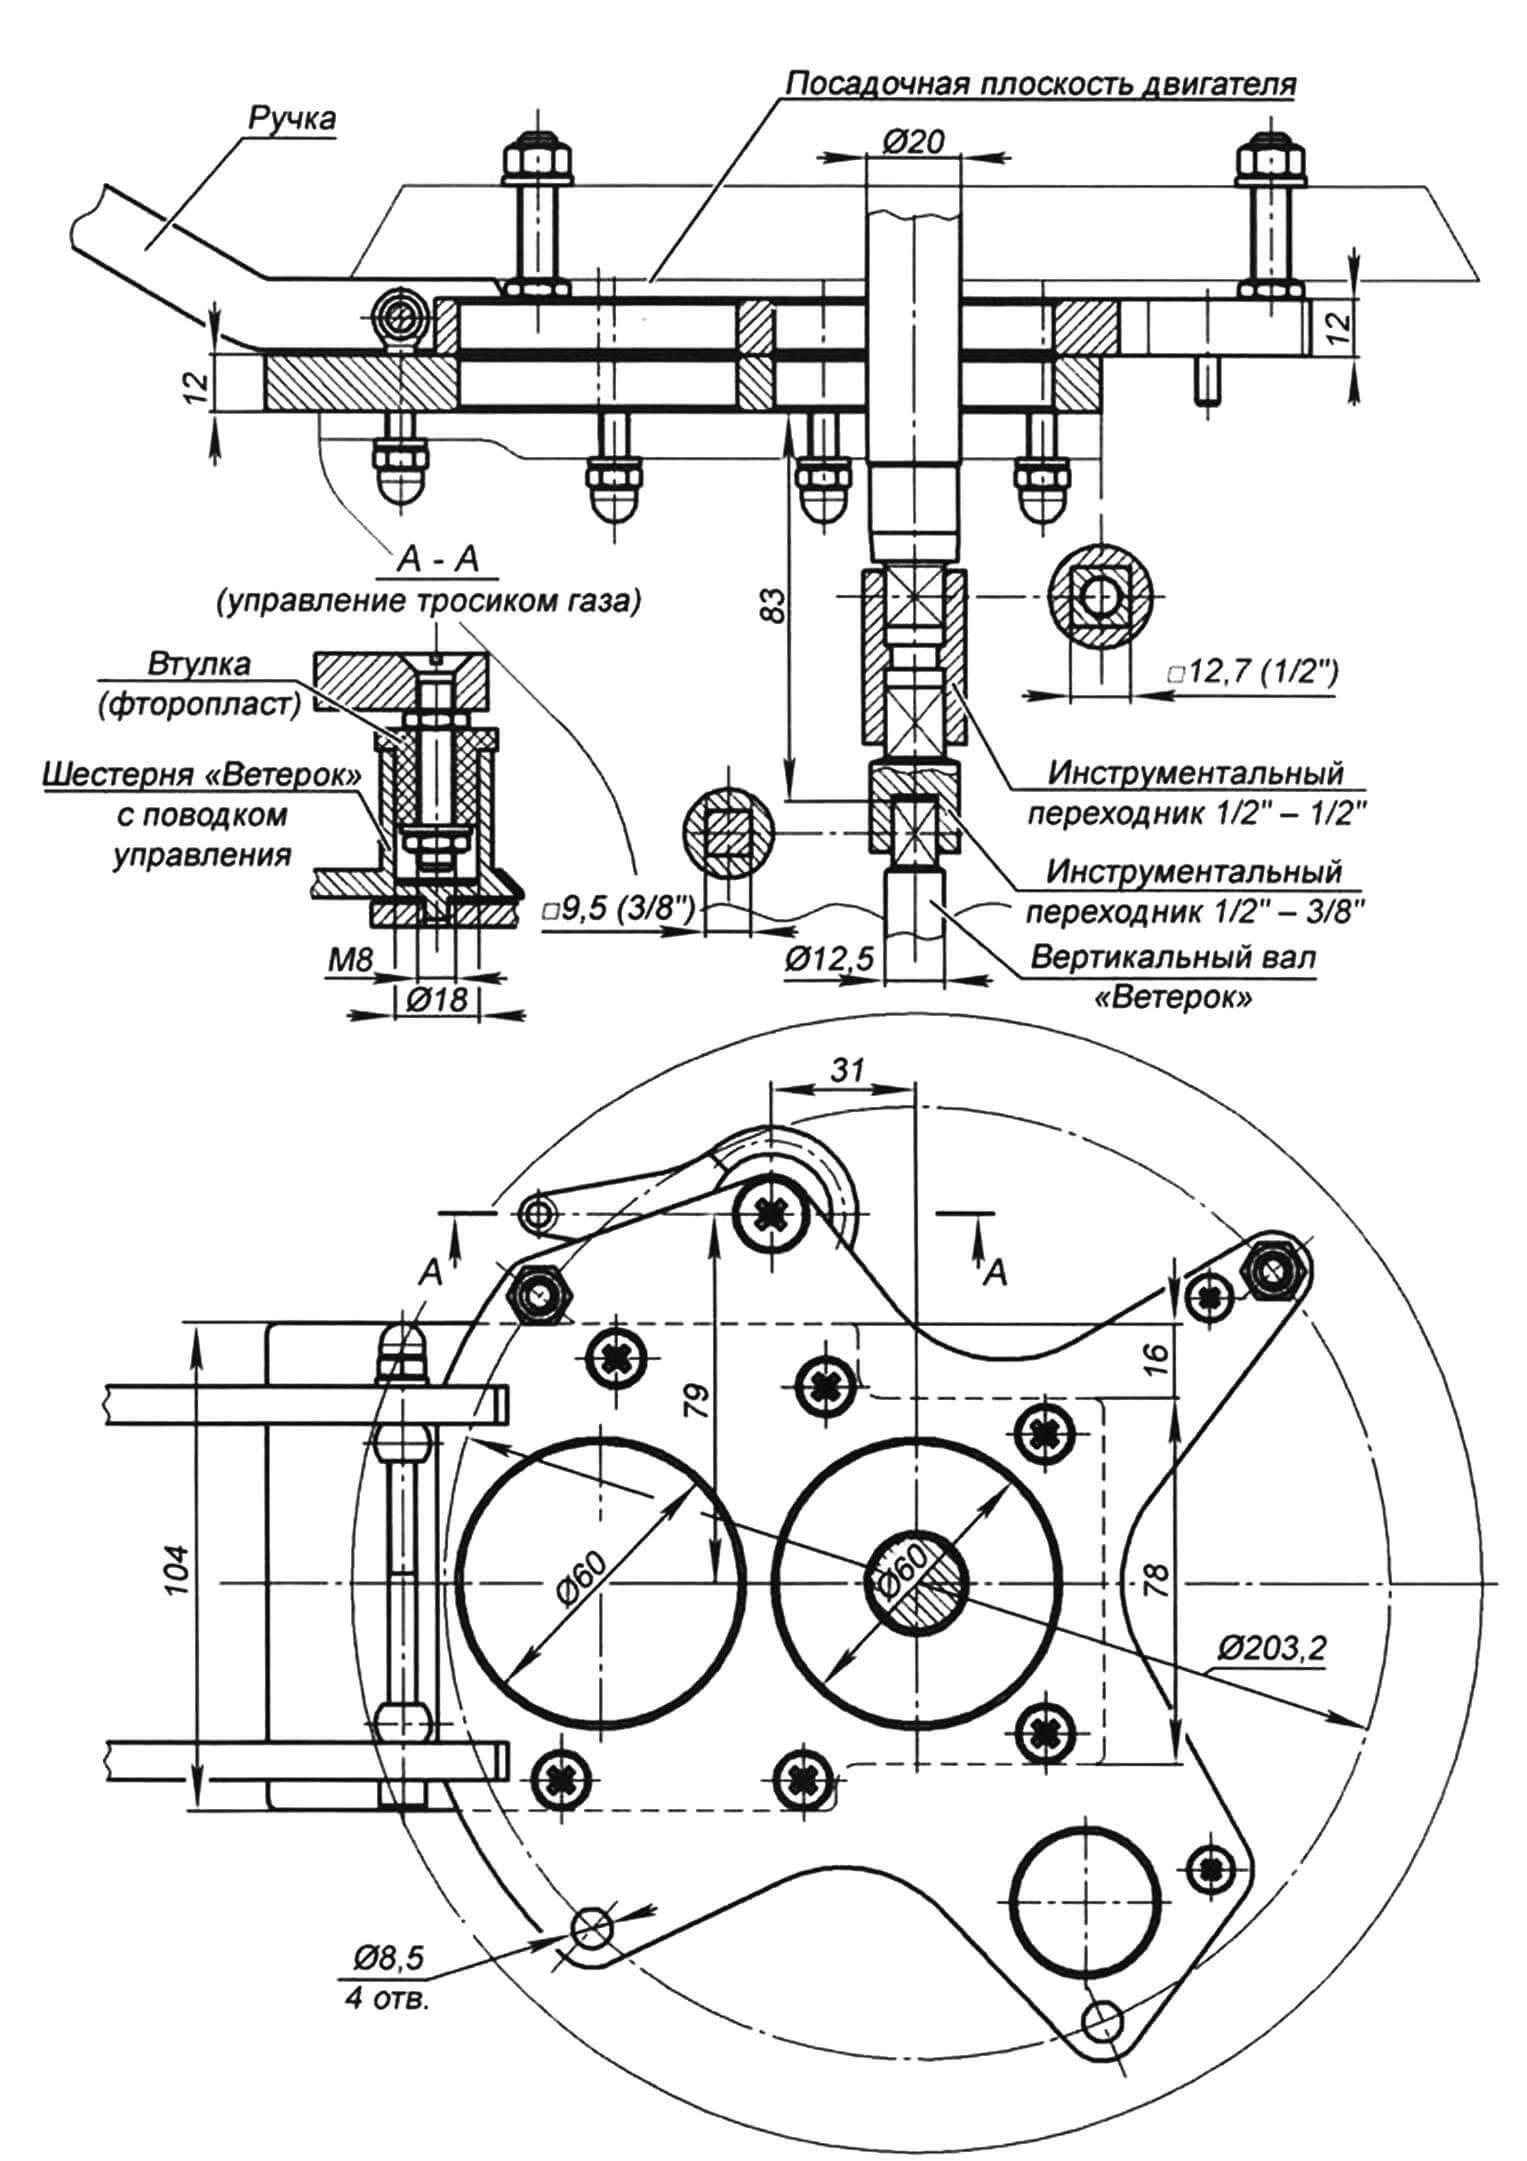 Чертеж стыковки дейдвудной трубы мотора «Ветерок» с четырехтактной мотоголовкой Champion G200VK в «генераторной» модификации